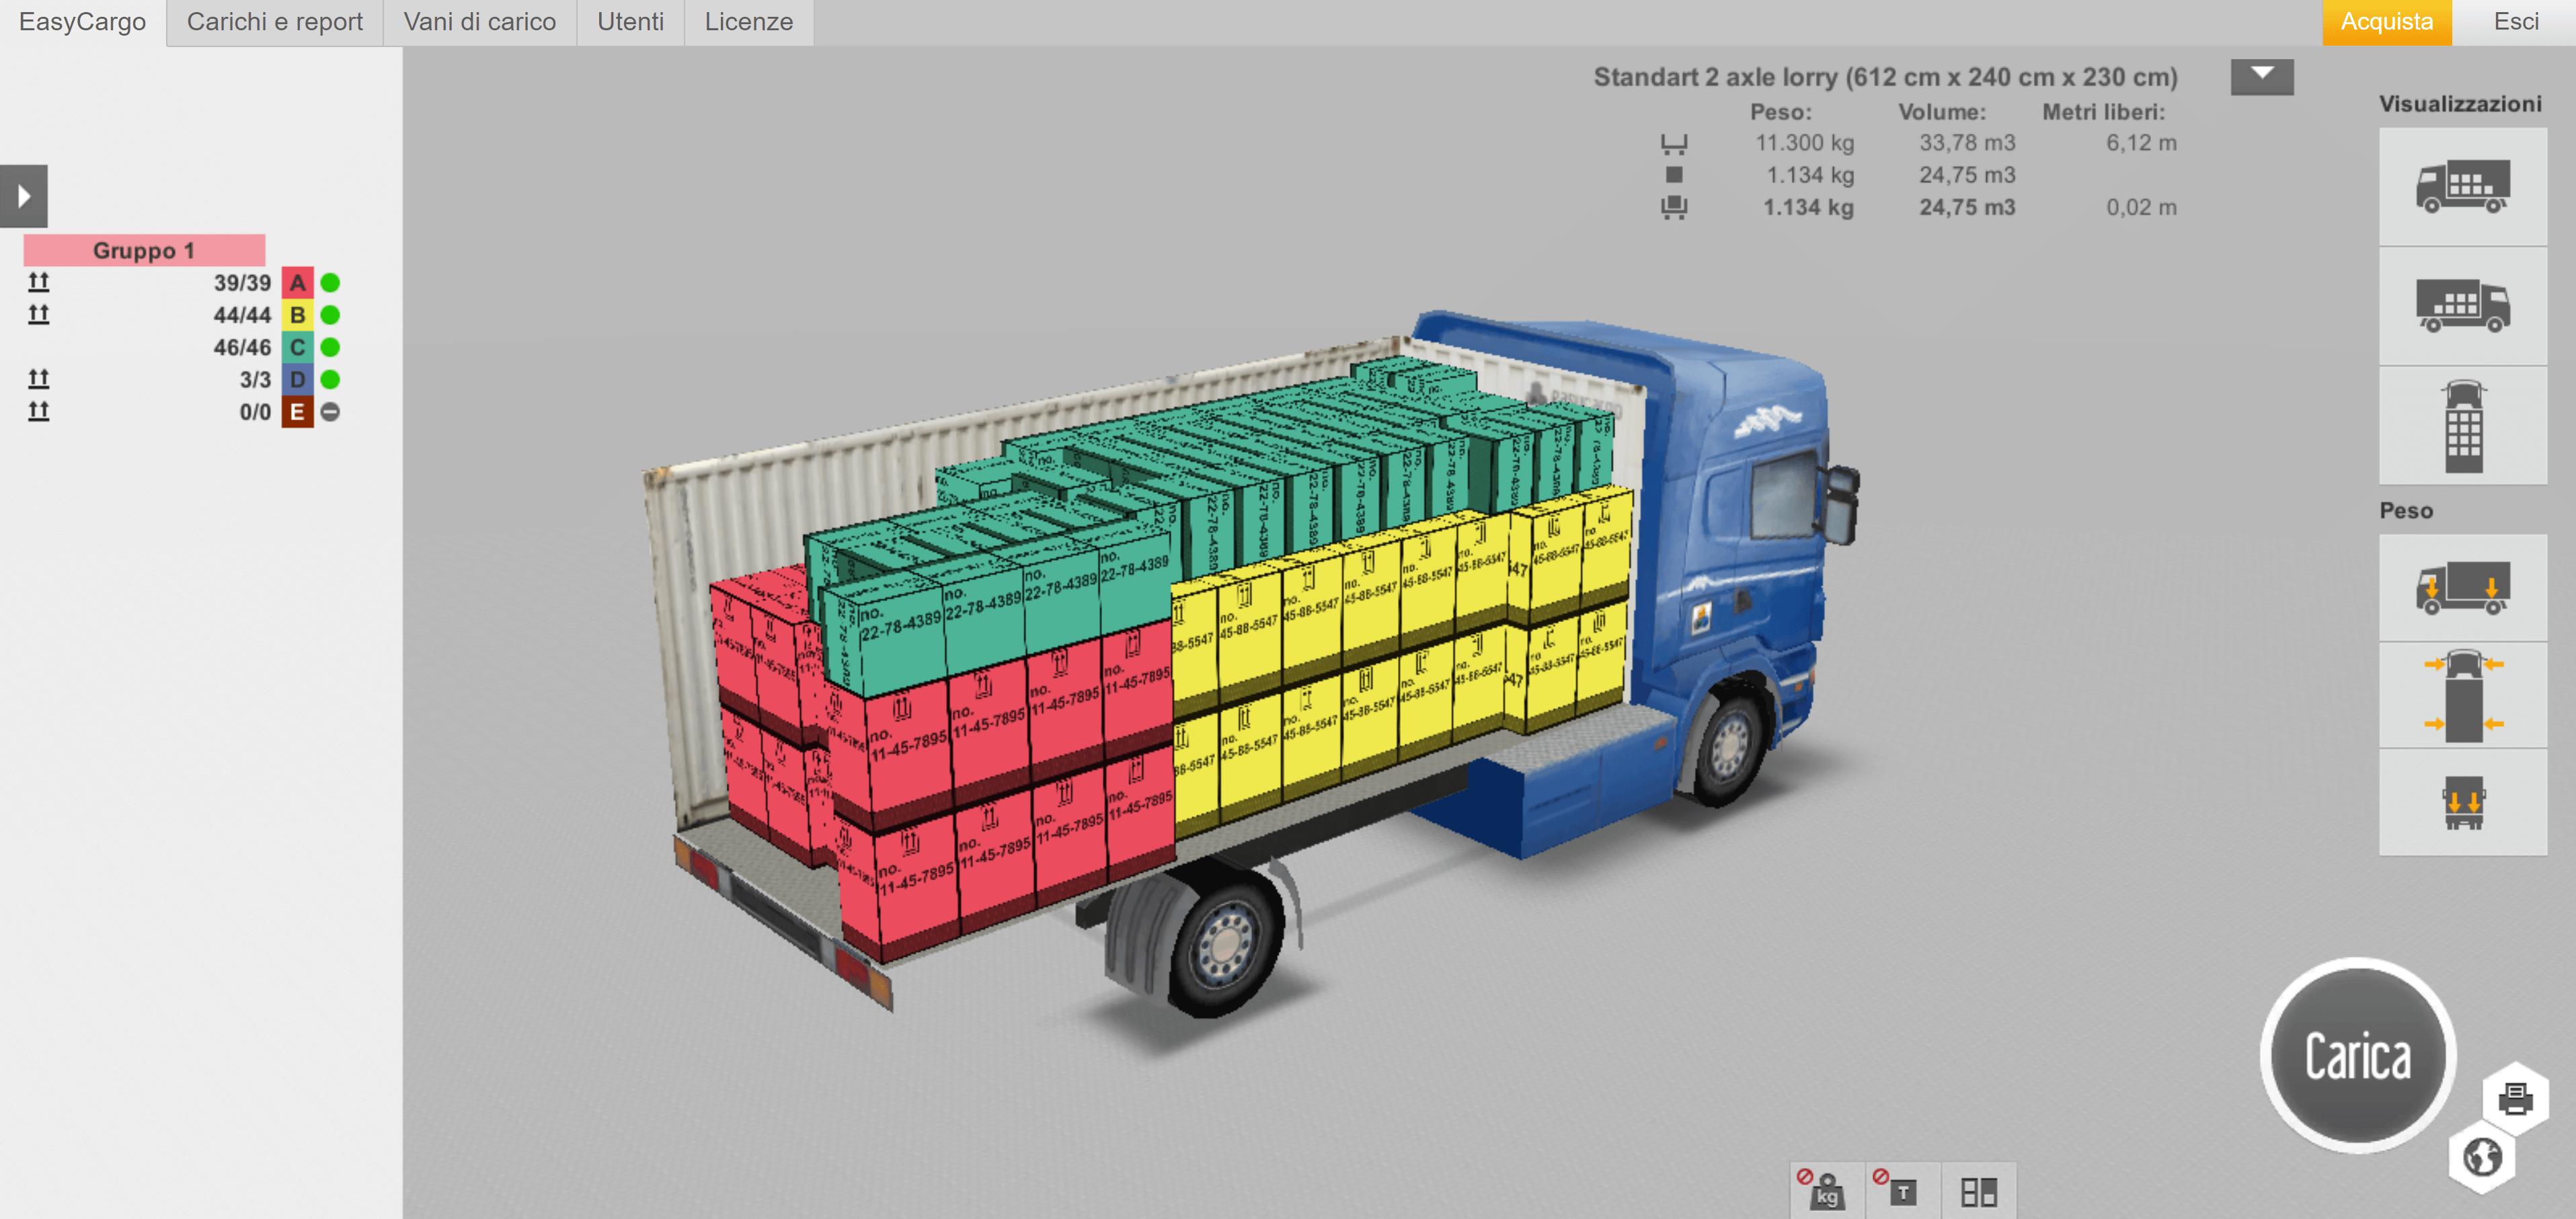 Visualizzazione 3D del piano di carico EasyCargo